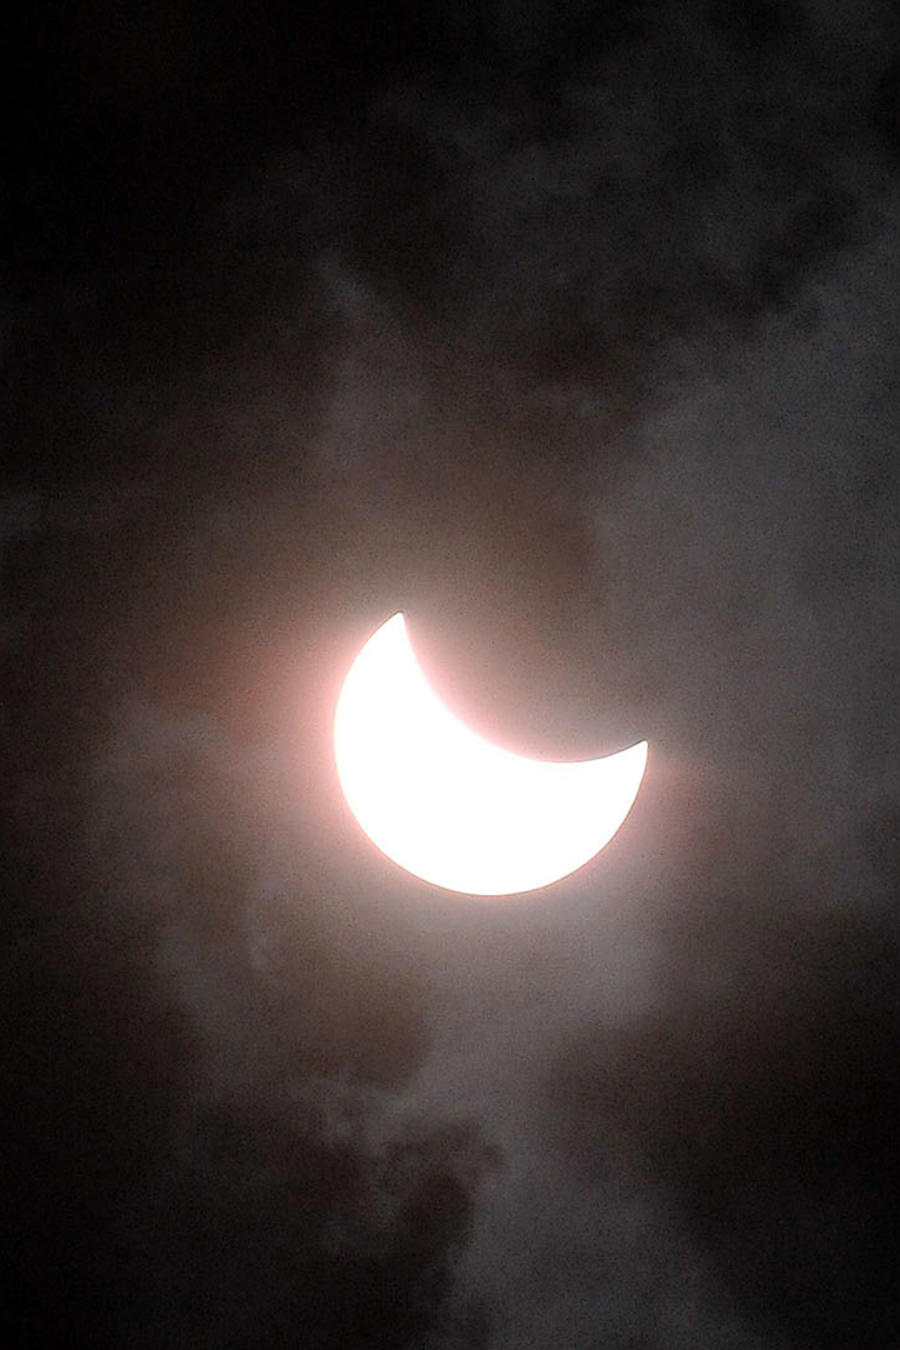 Cómo ver el eclipse solar